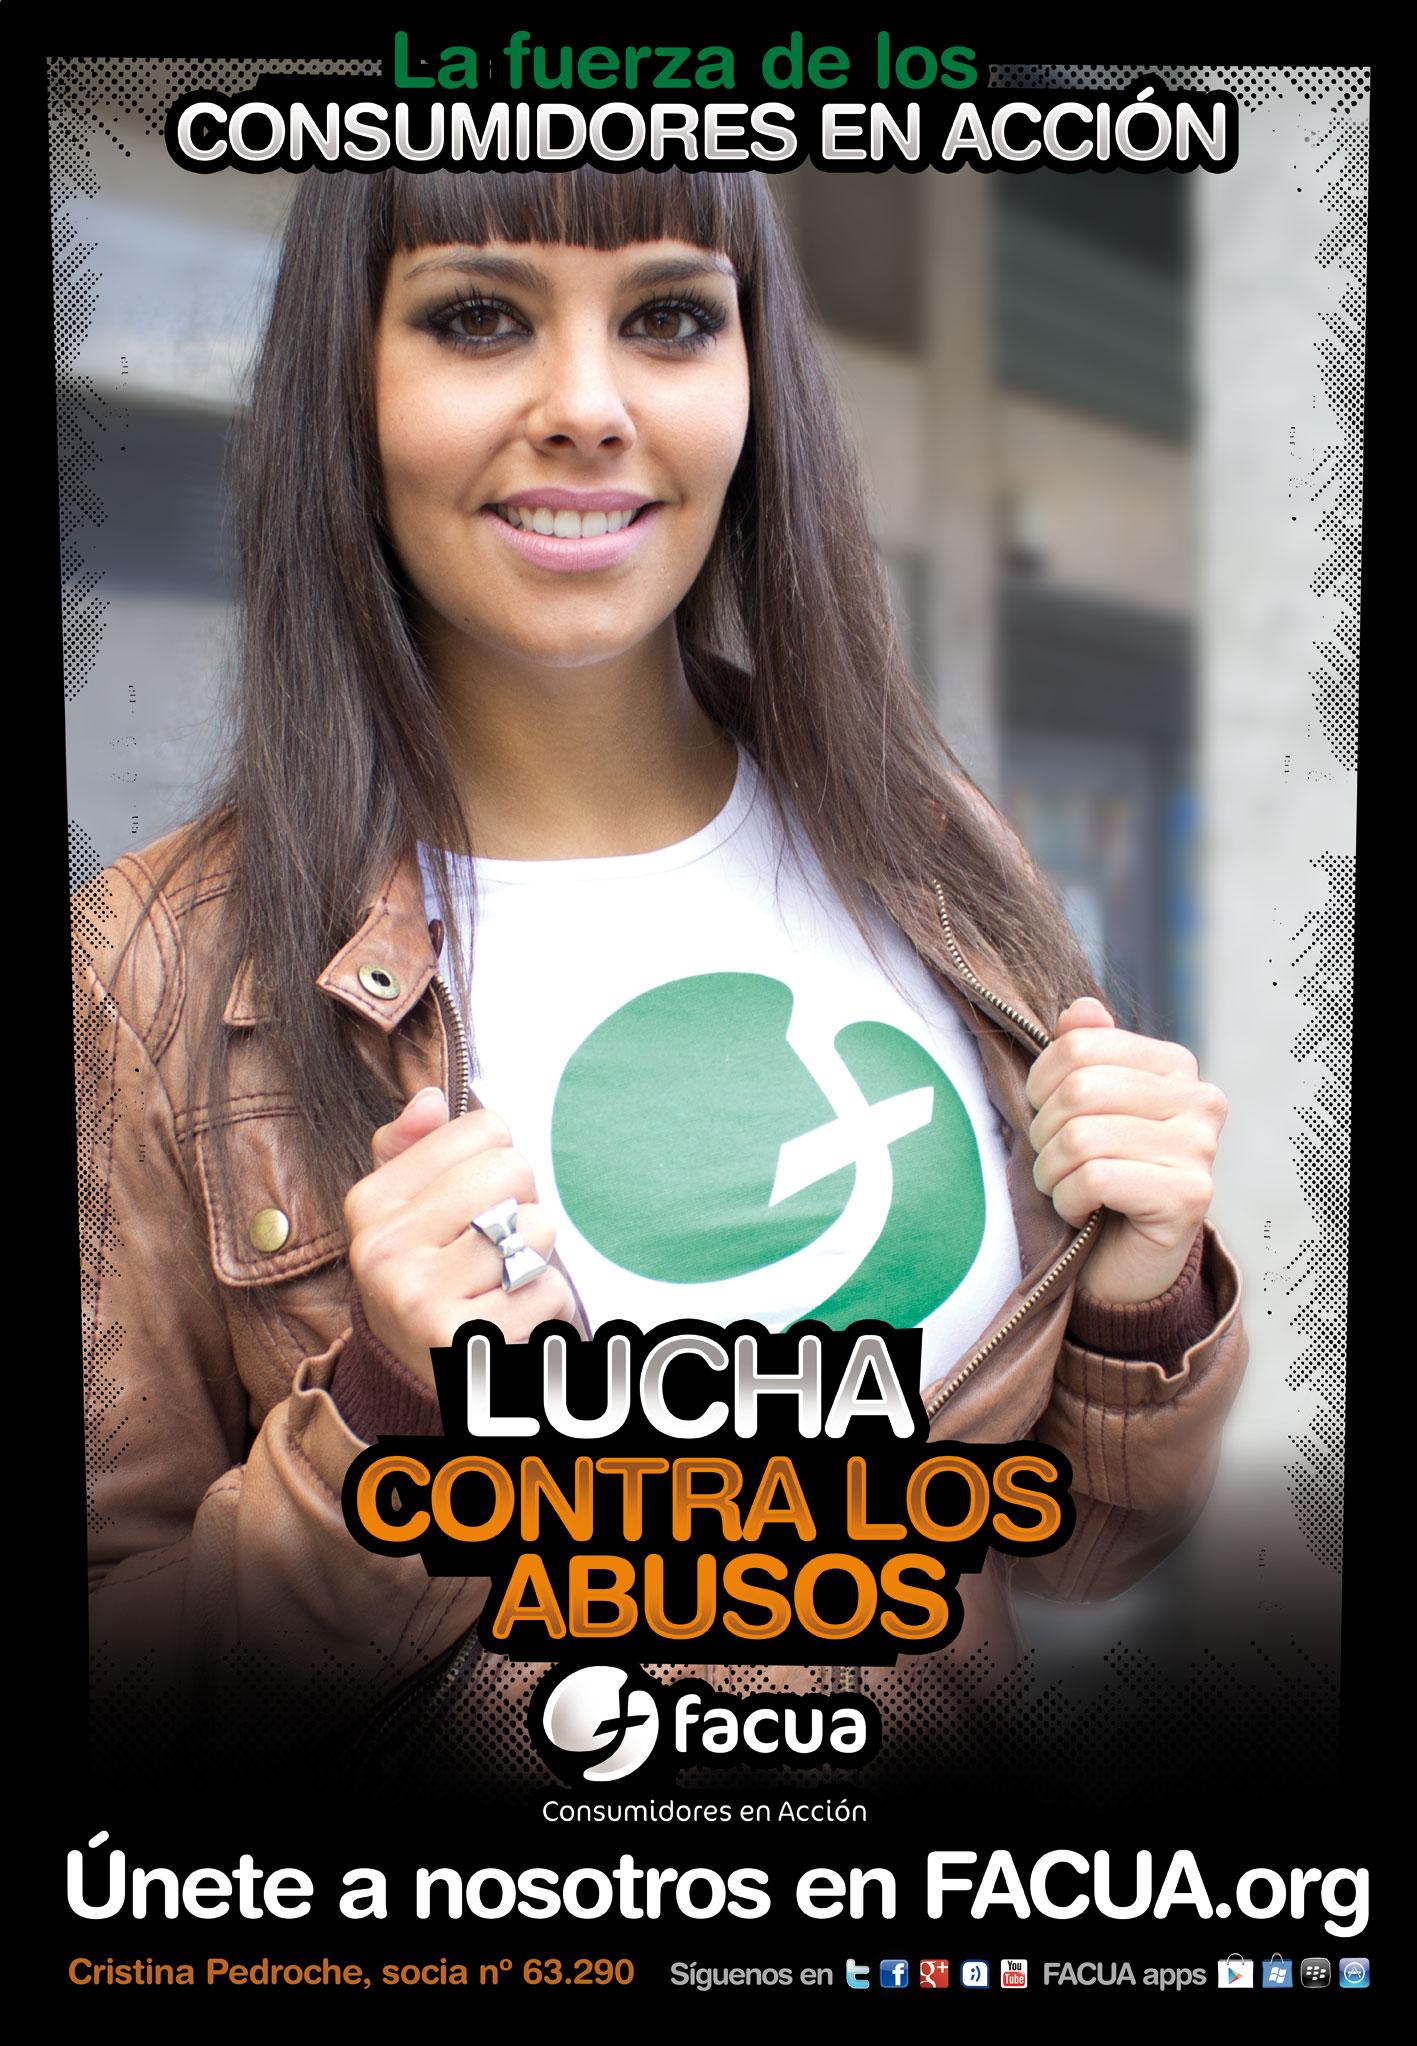 ¿Sabes que Cristina Pedroche es socia de FACUA? Es una de los #consumidoresenacción